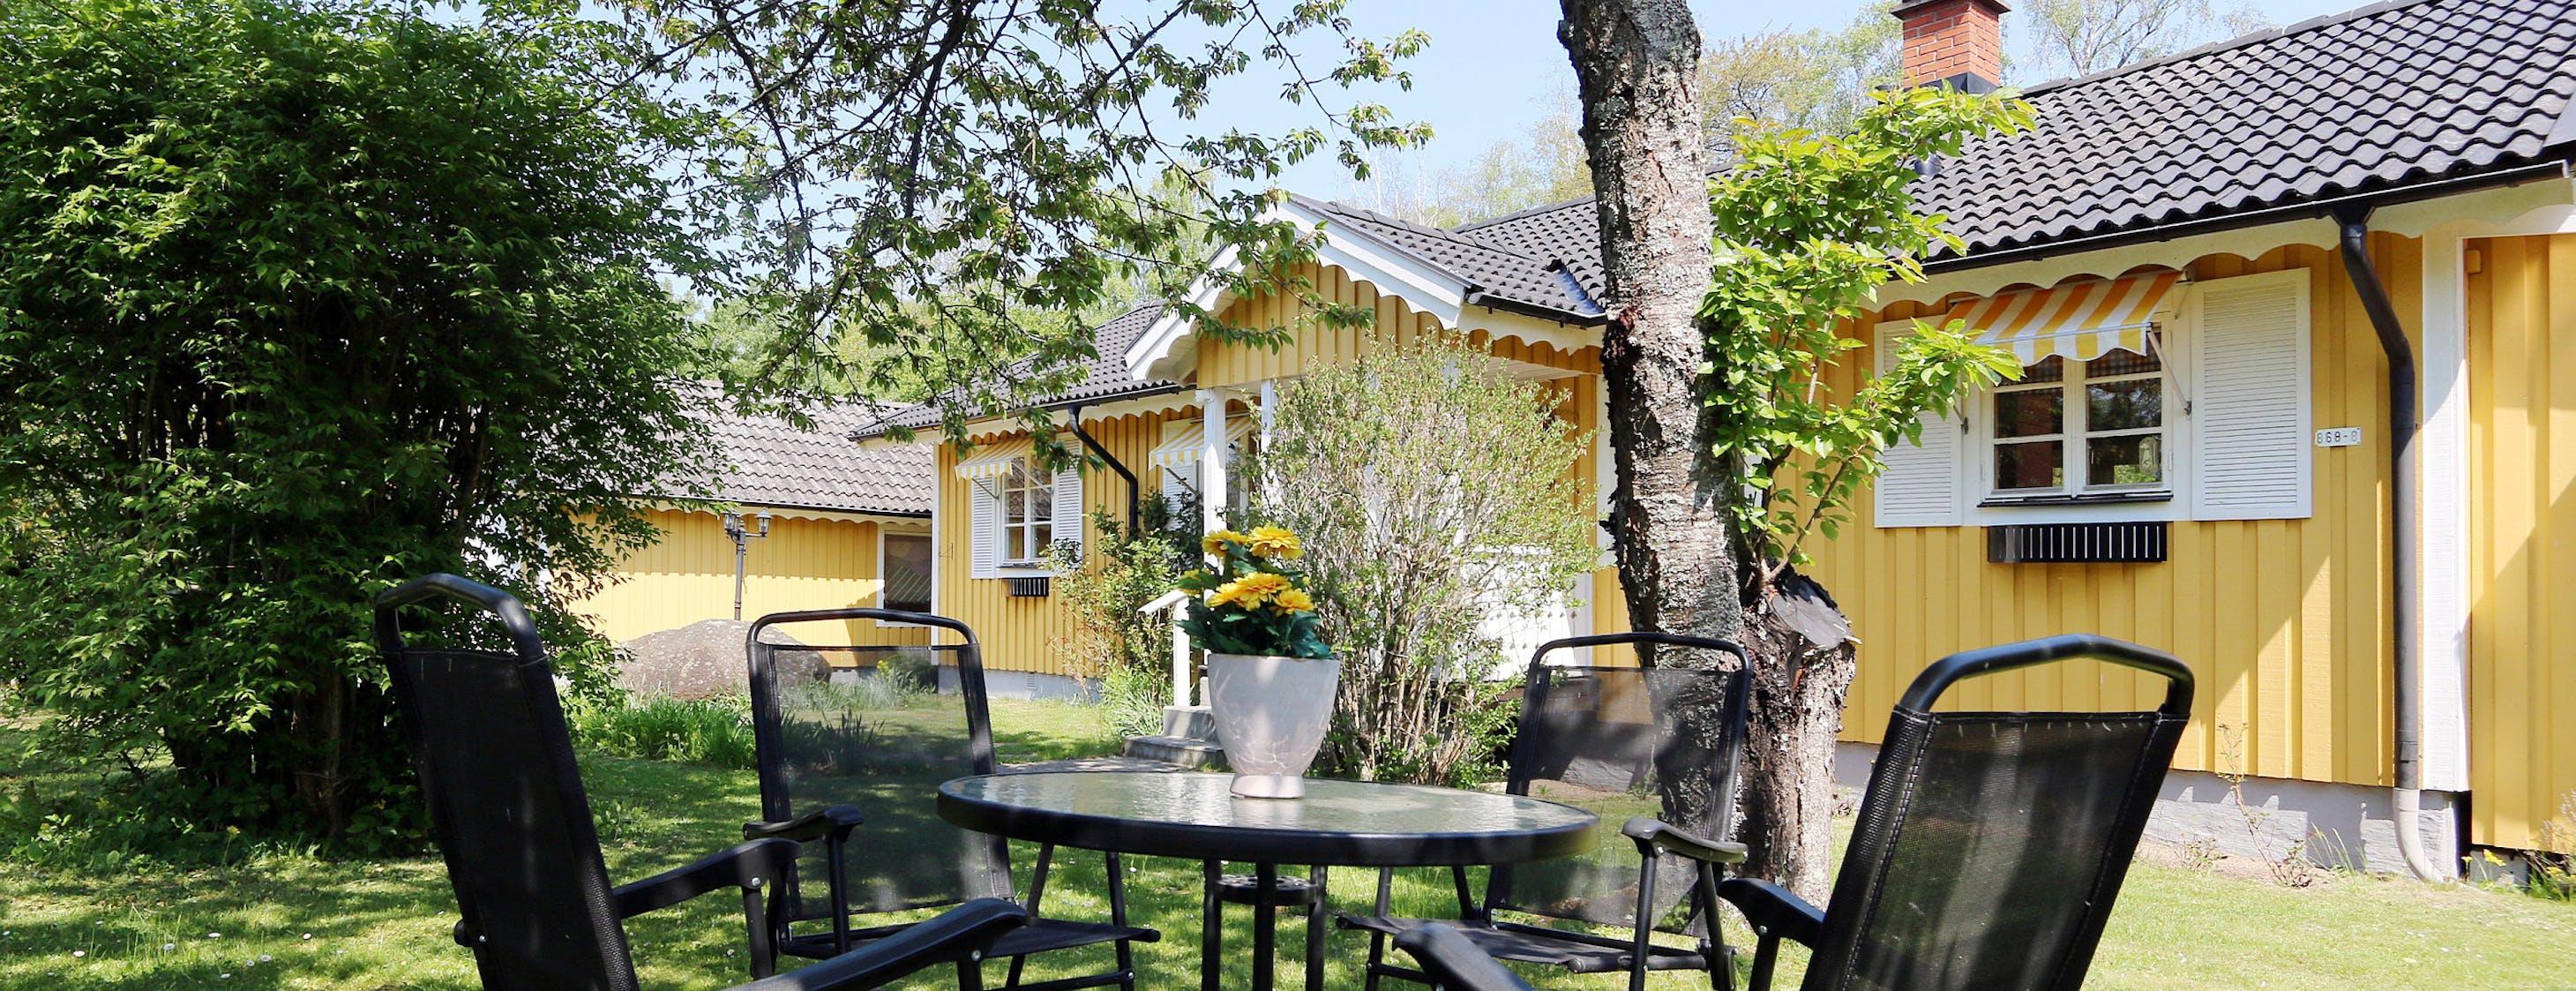 Södra Landborgsgatan 5 Kolstad